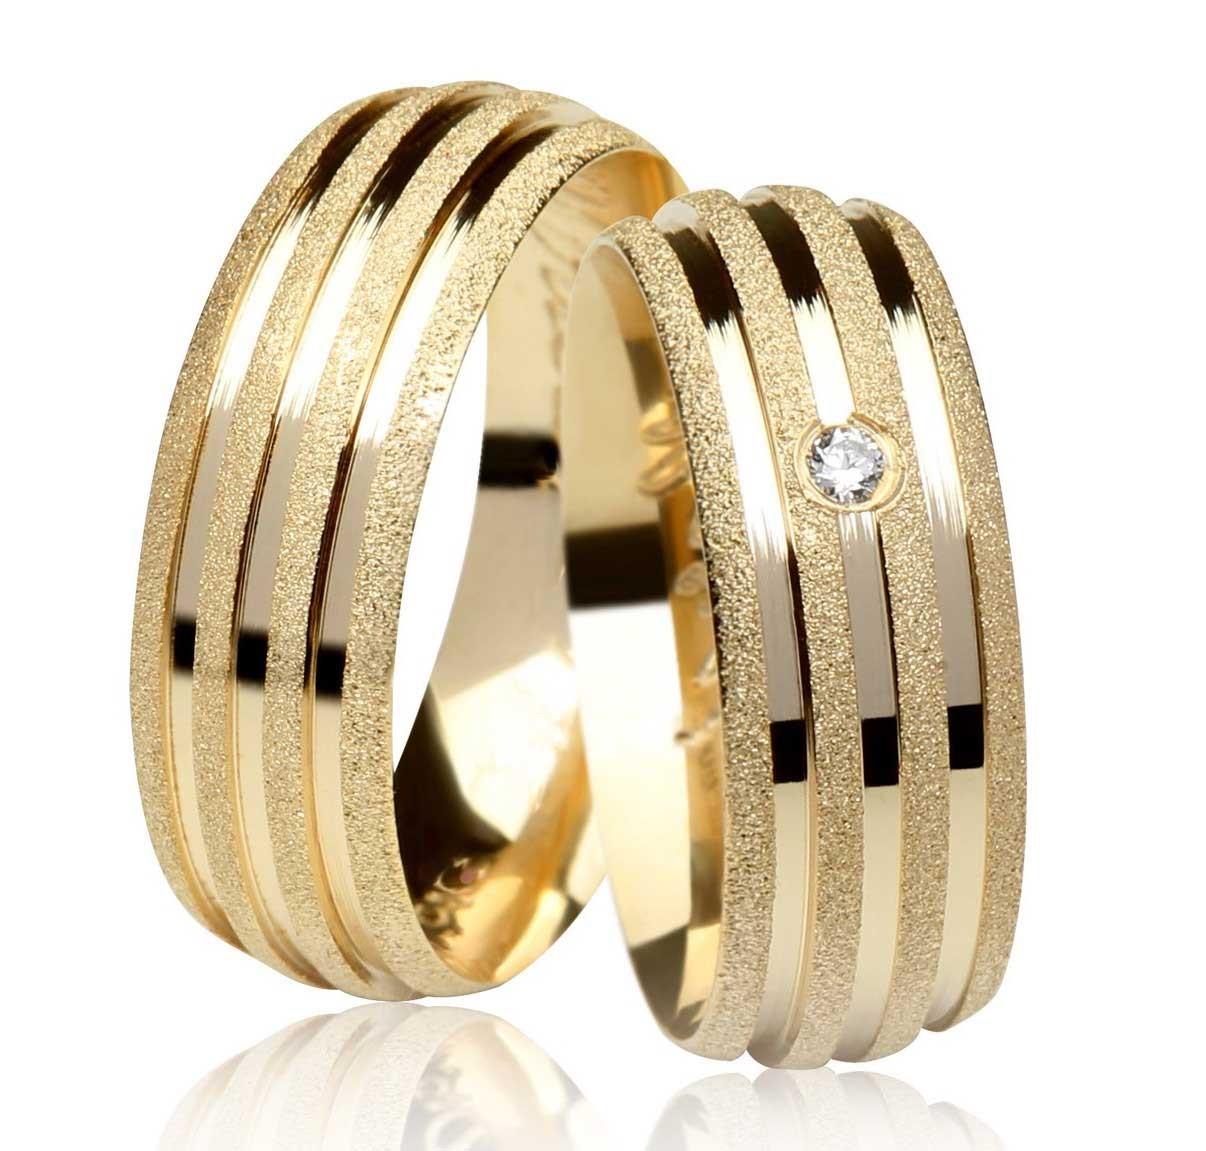 aliancas-taubate-casamento-e-noivado-em-ouro-18k-877